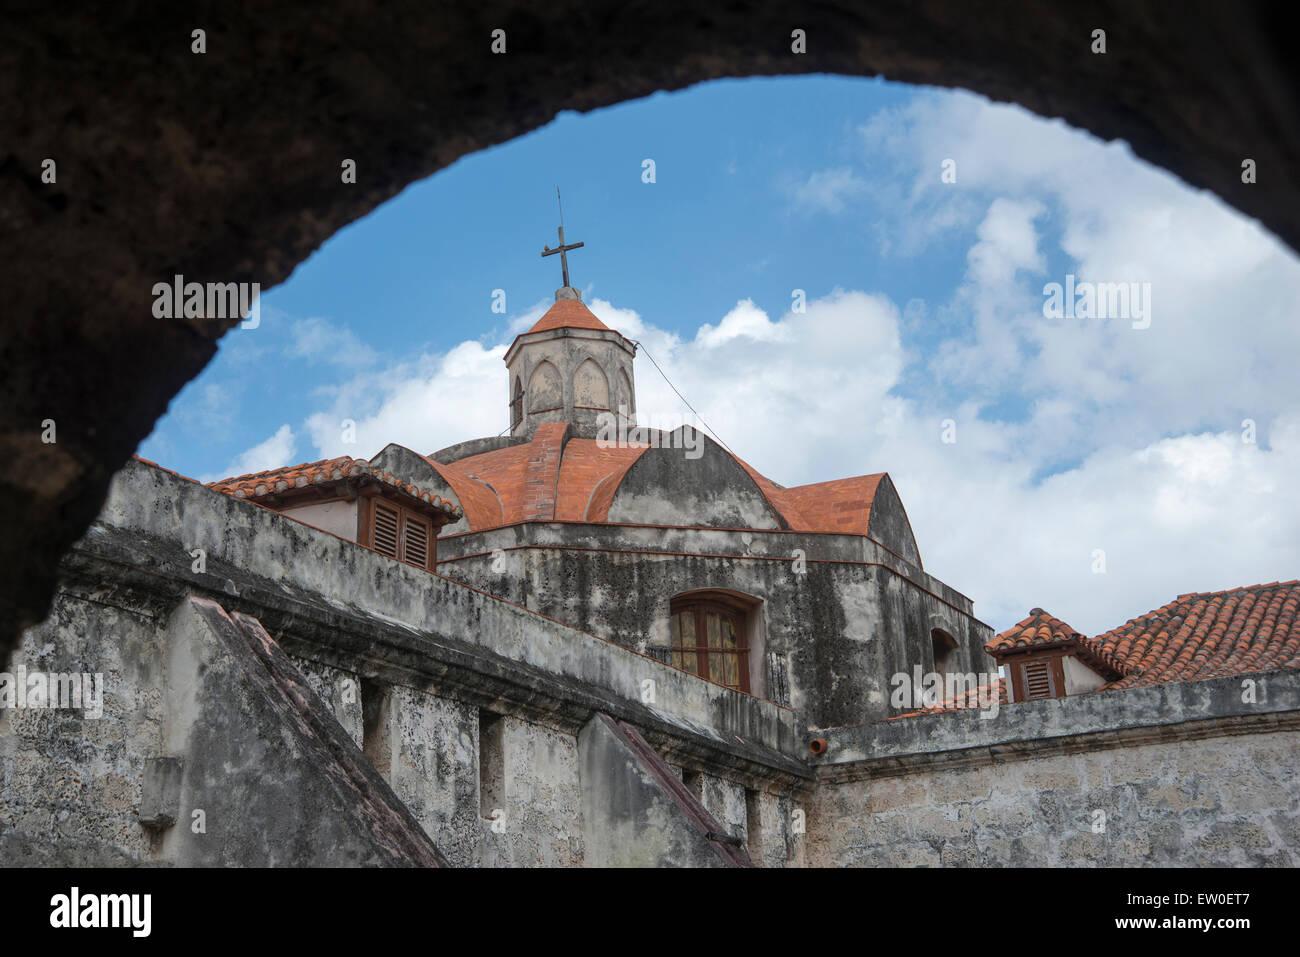 Die Kathedrale von Havanna Stockbild